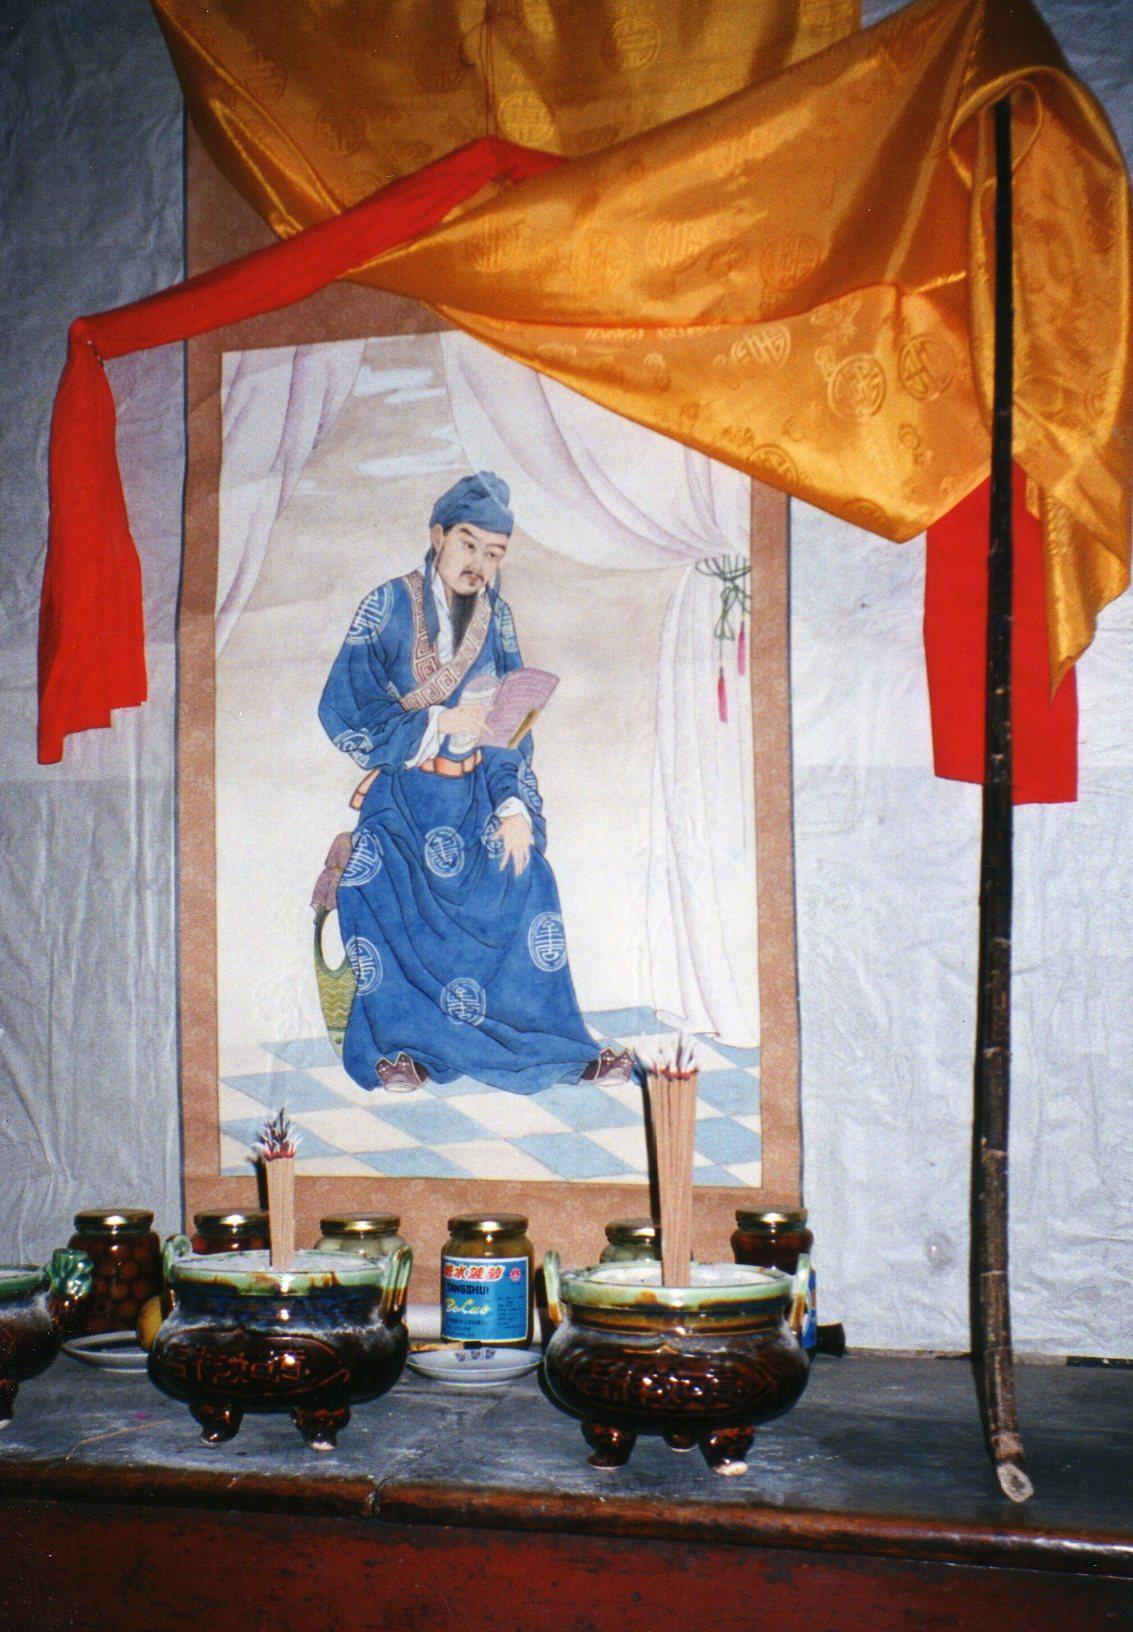 Kaikou painting